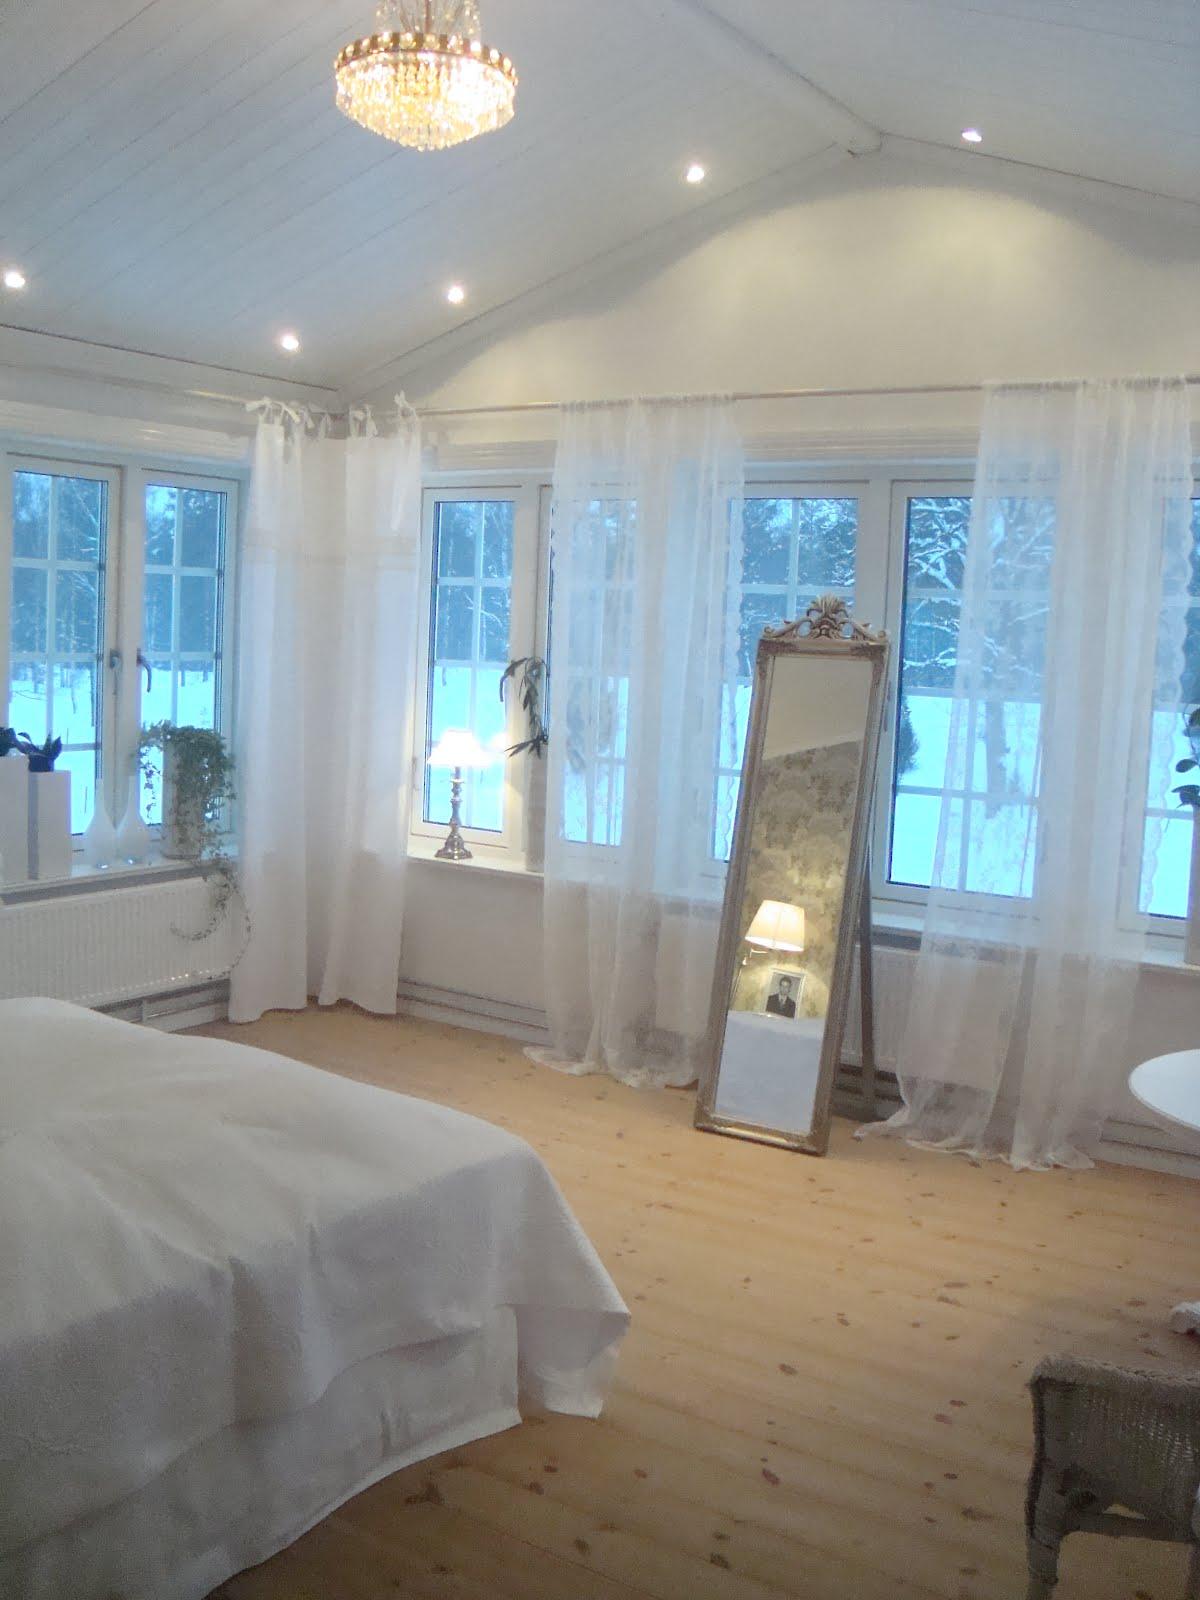 Claras hem pÅ byvÄgen : som ett nytt rum...